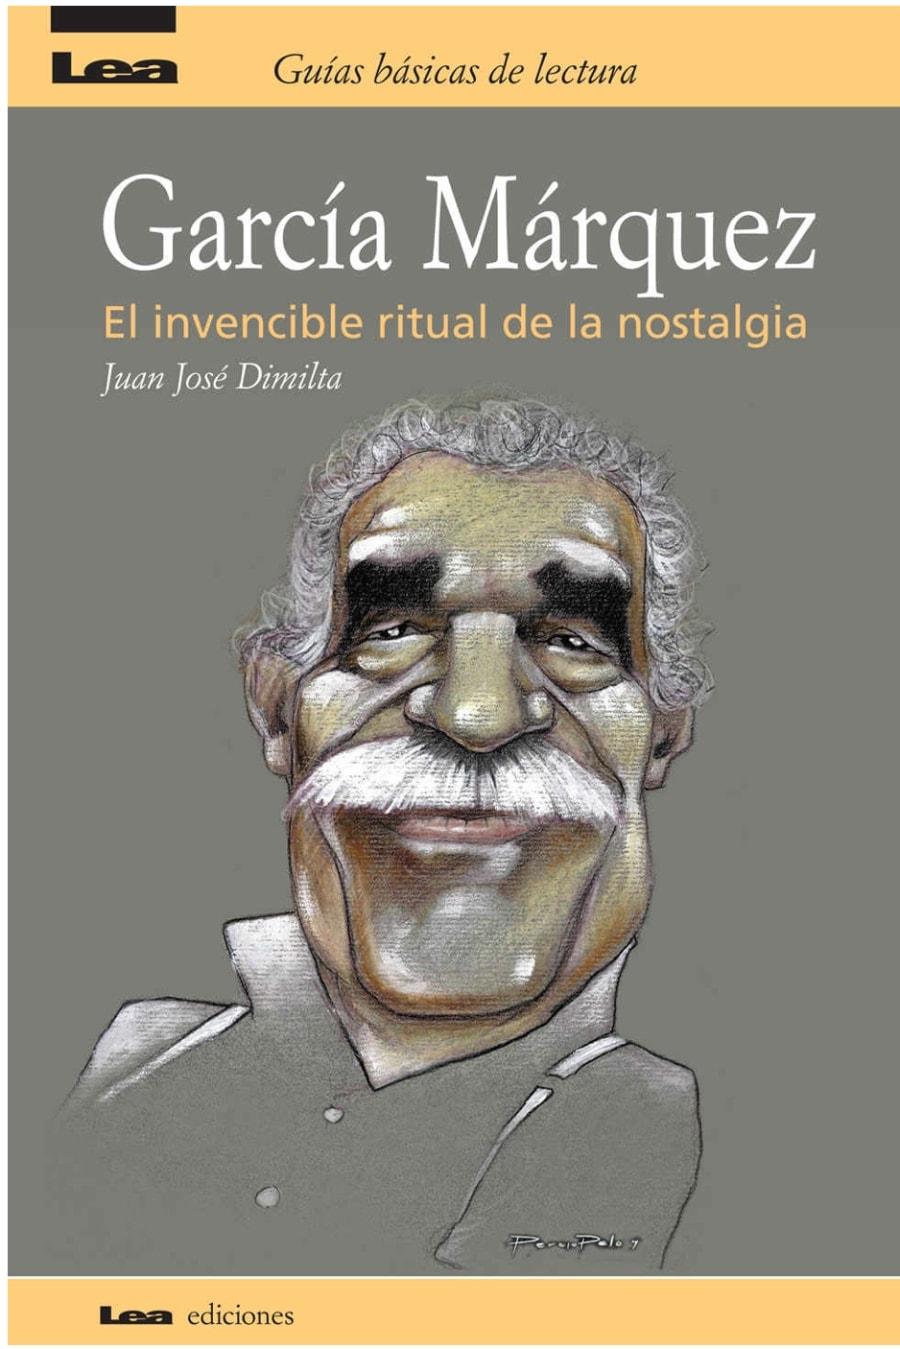 Garcia Marquez, el invencible ritual de la nostalgia de Juan José Dimilta